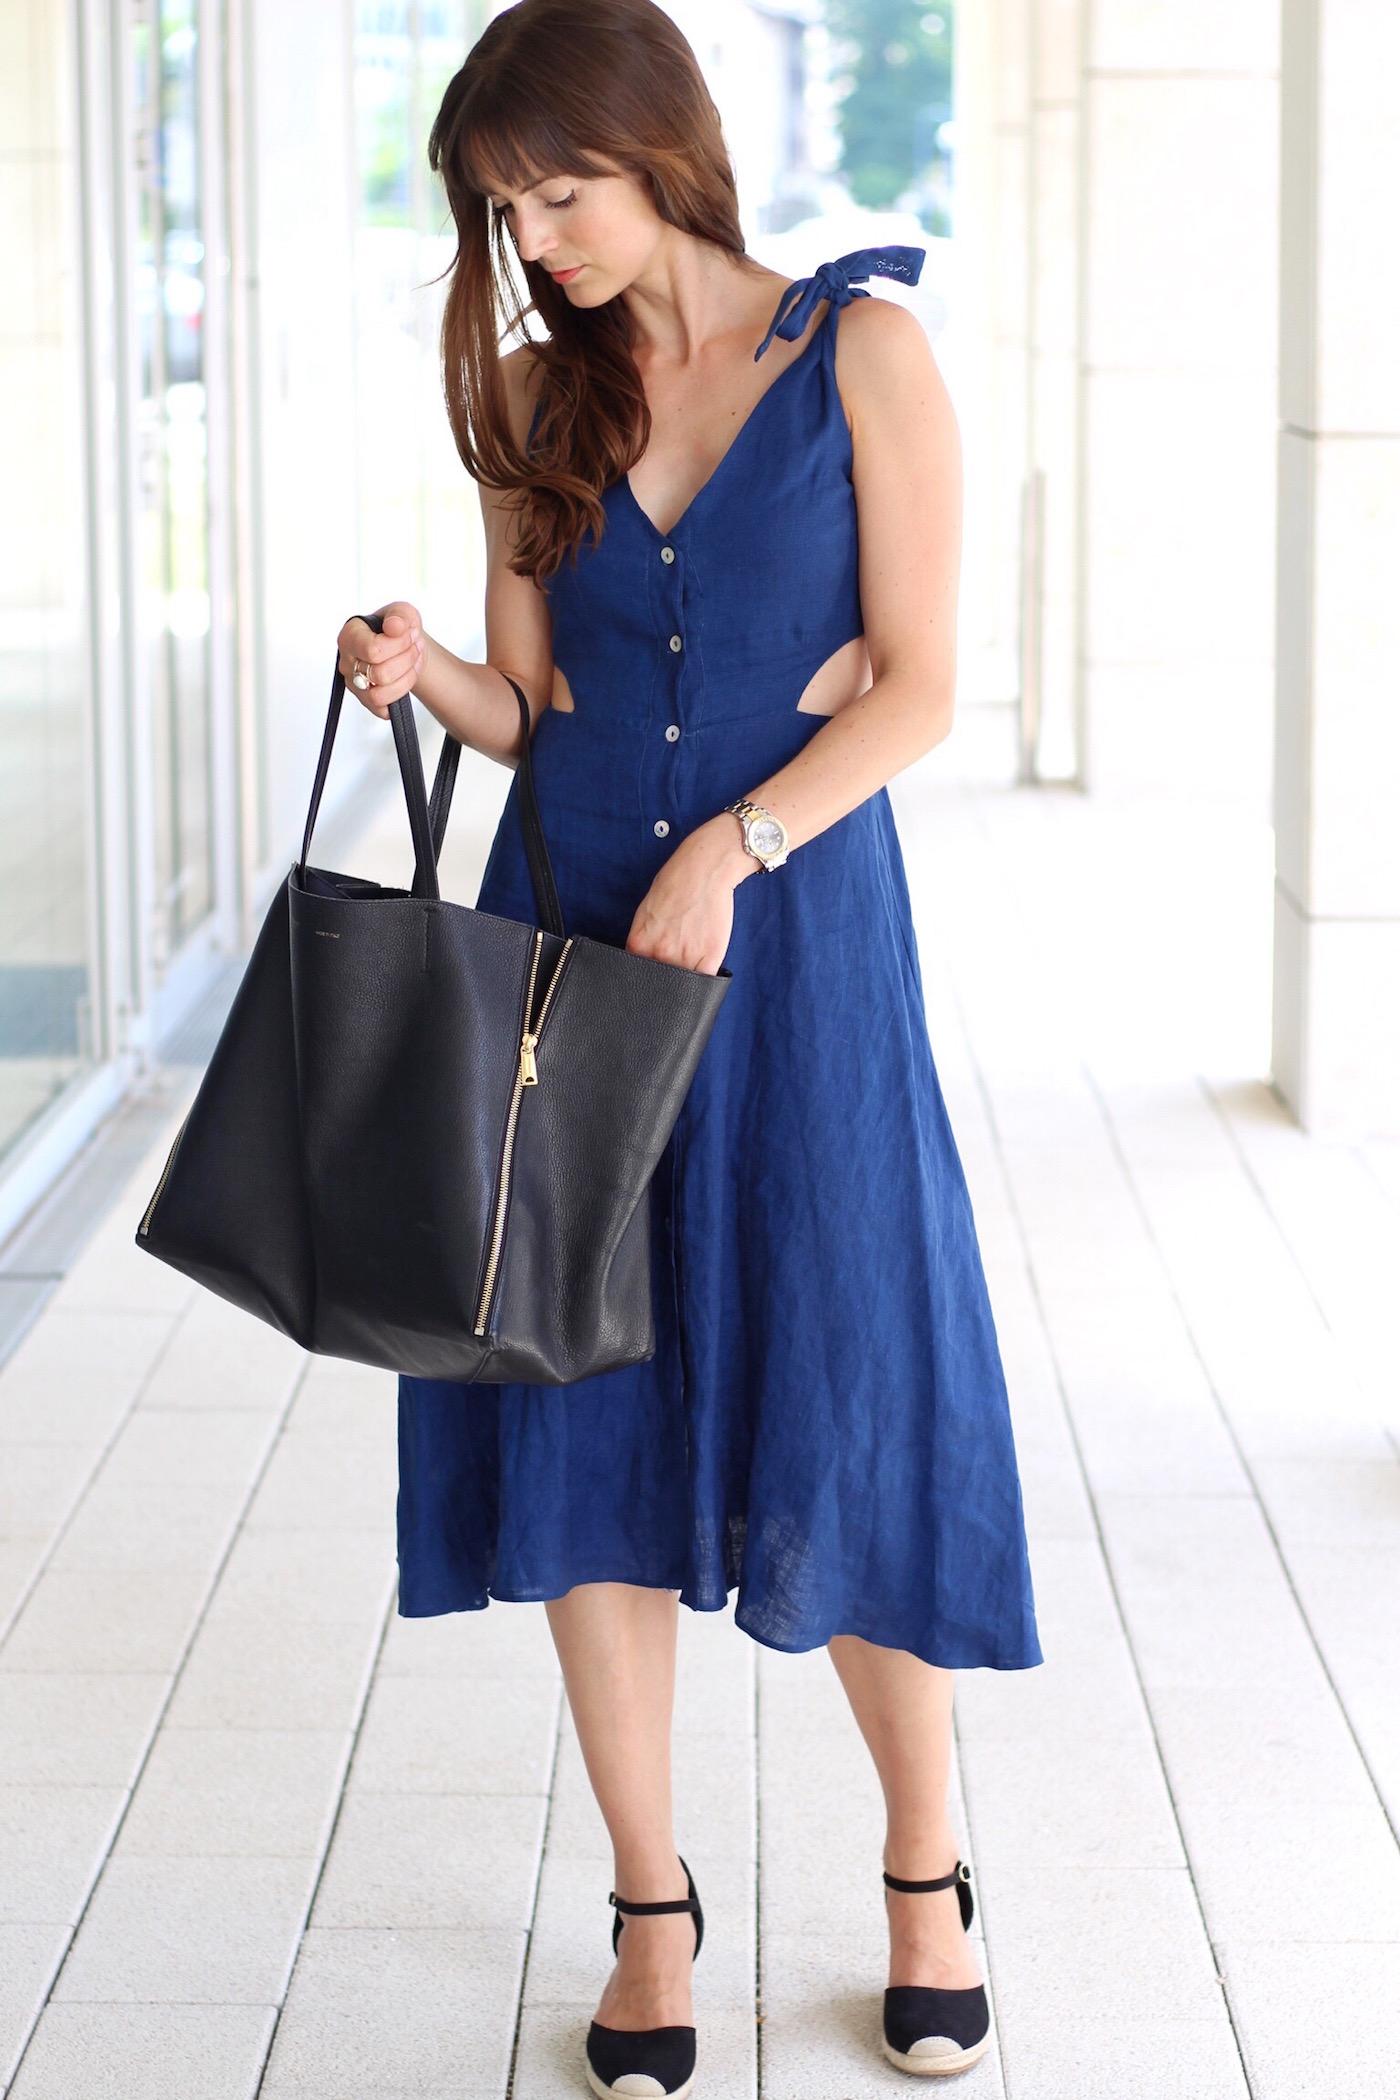 Midikleid von Zara im heutigen Outfitpost kombiniert mit Céline Cabas Bag und Wedges von H&M